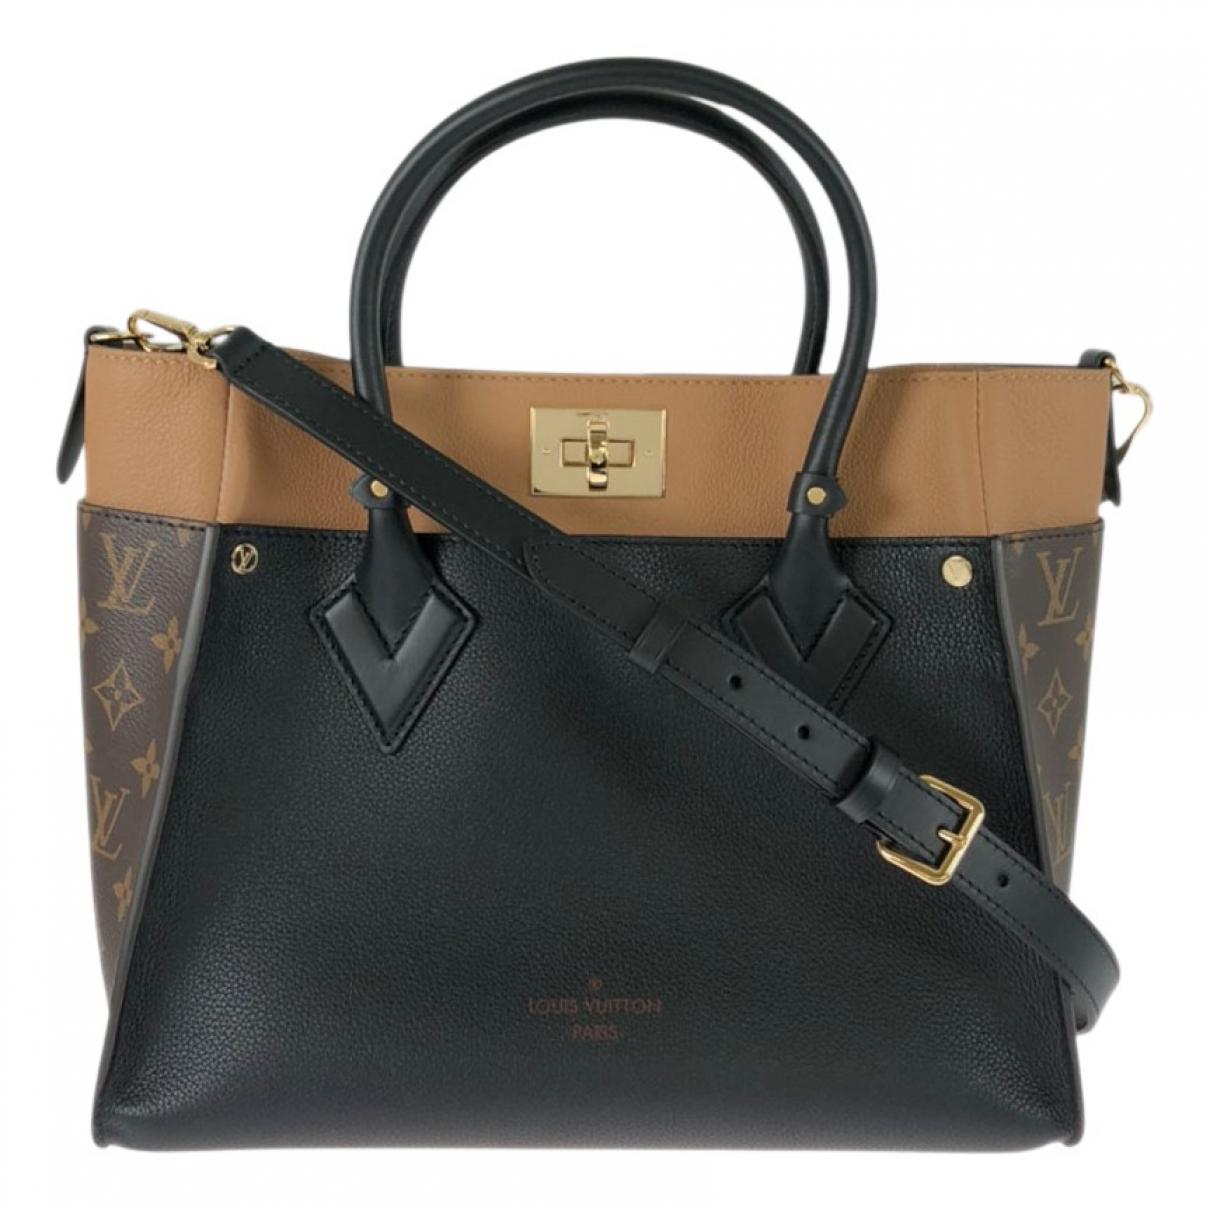 Louis Vuitton - Sac a main   pour femme en cuir - multicolore